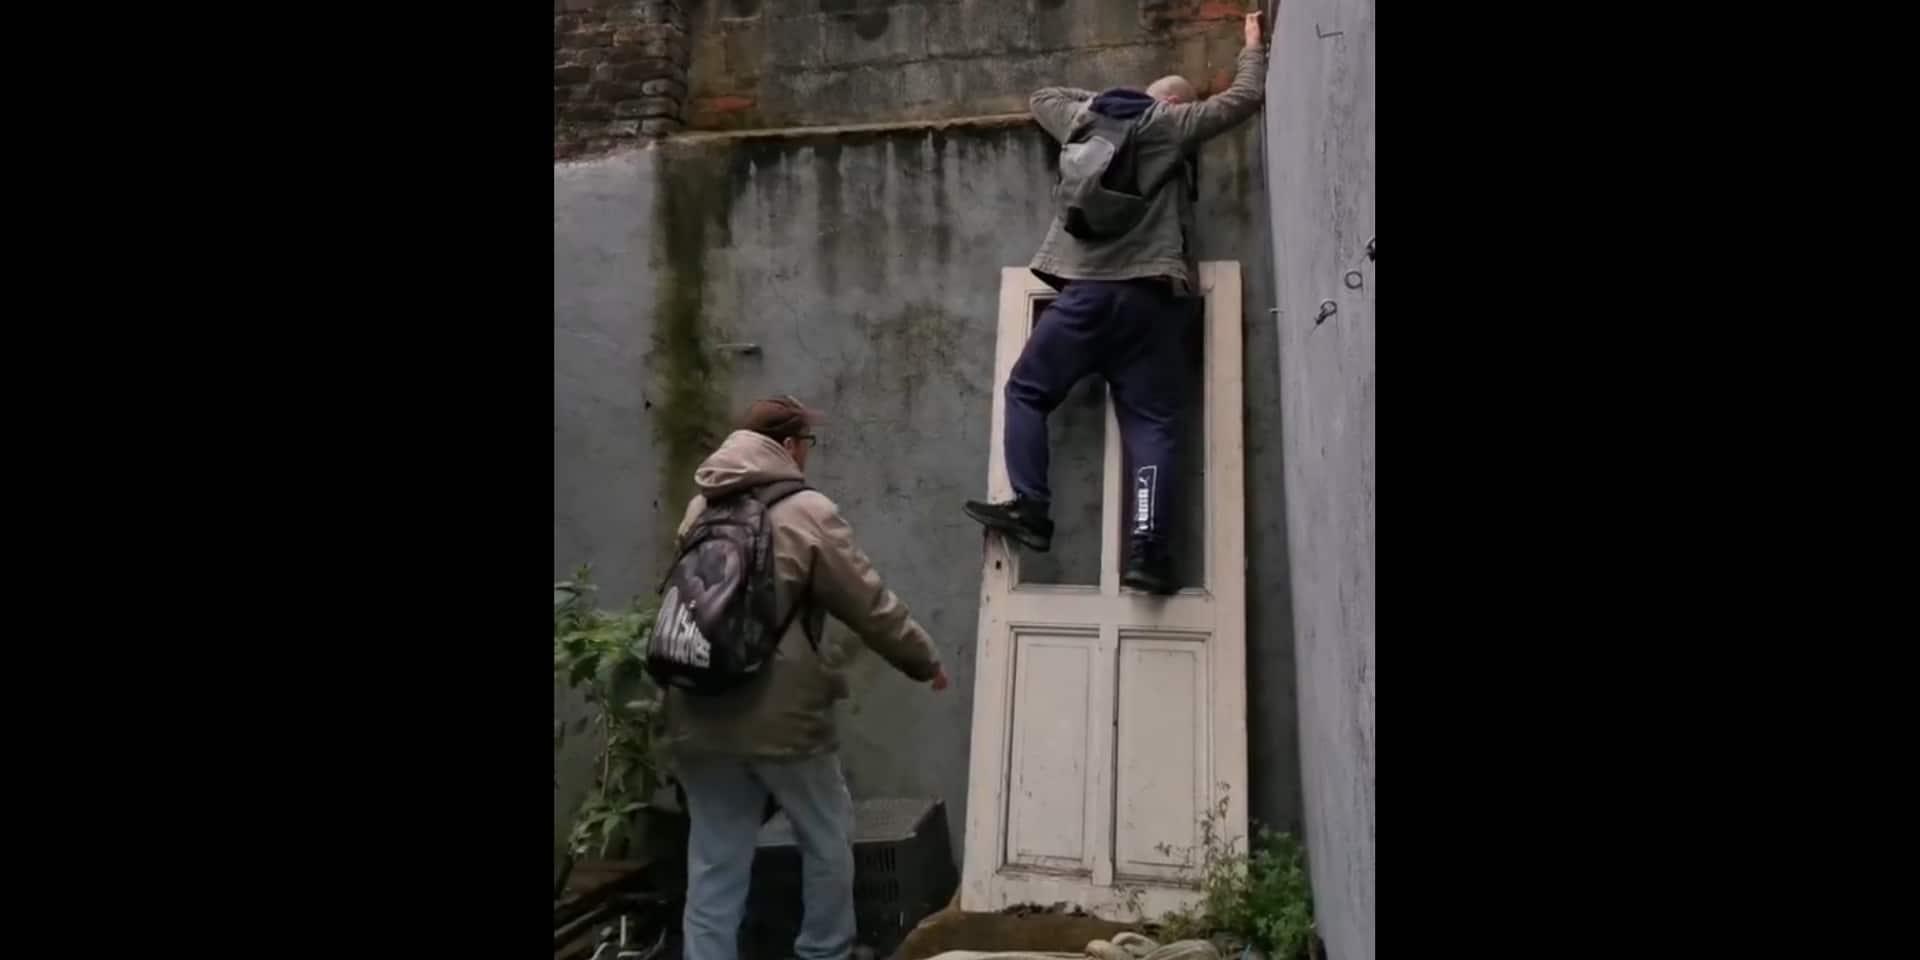 Des vidéos de l'intérieur des anciennes maisons de Marc Dutroux diffusées sur TikTok, la Ville de Charleroi va porter plainte